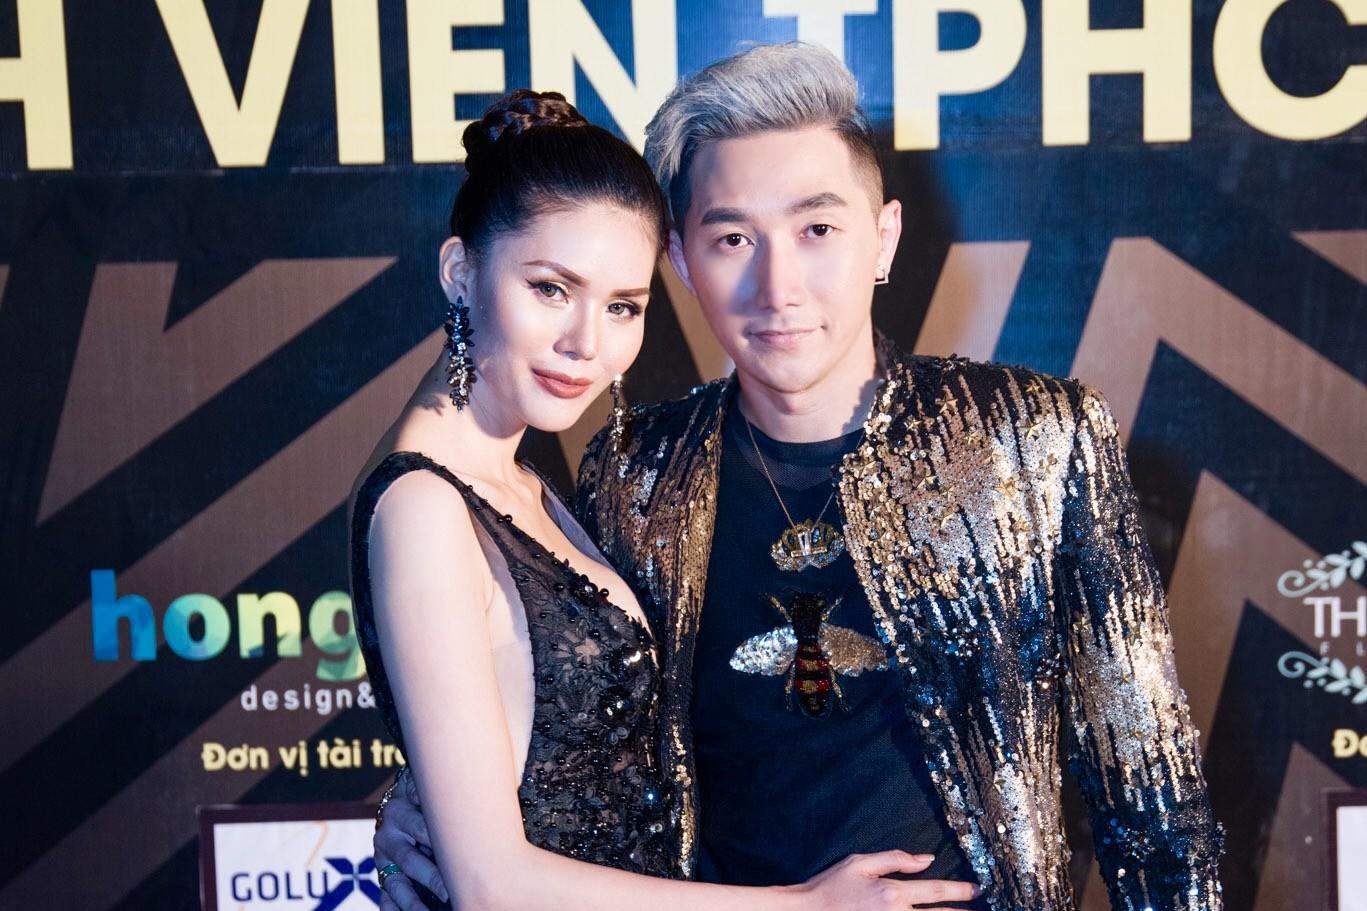 Siêu mẫu Nam Phong và Á hậu Kim Nguyên diện trang phục ấn tượng đi chấm thi